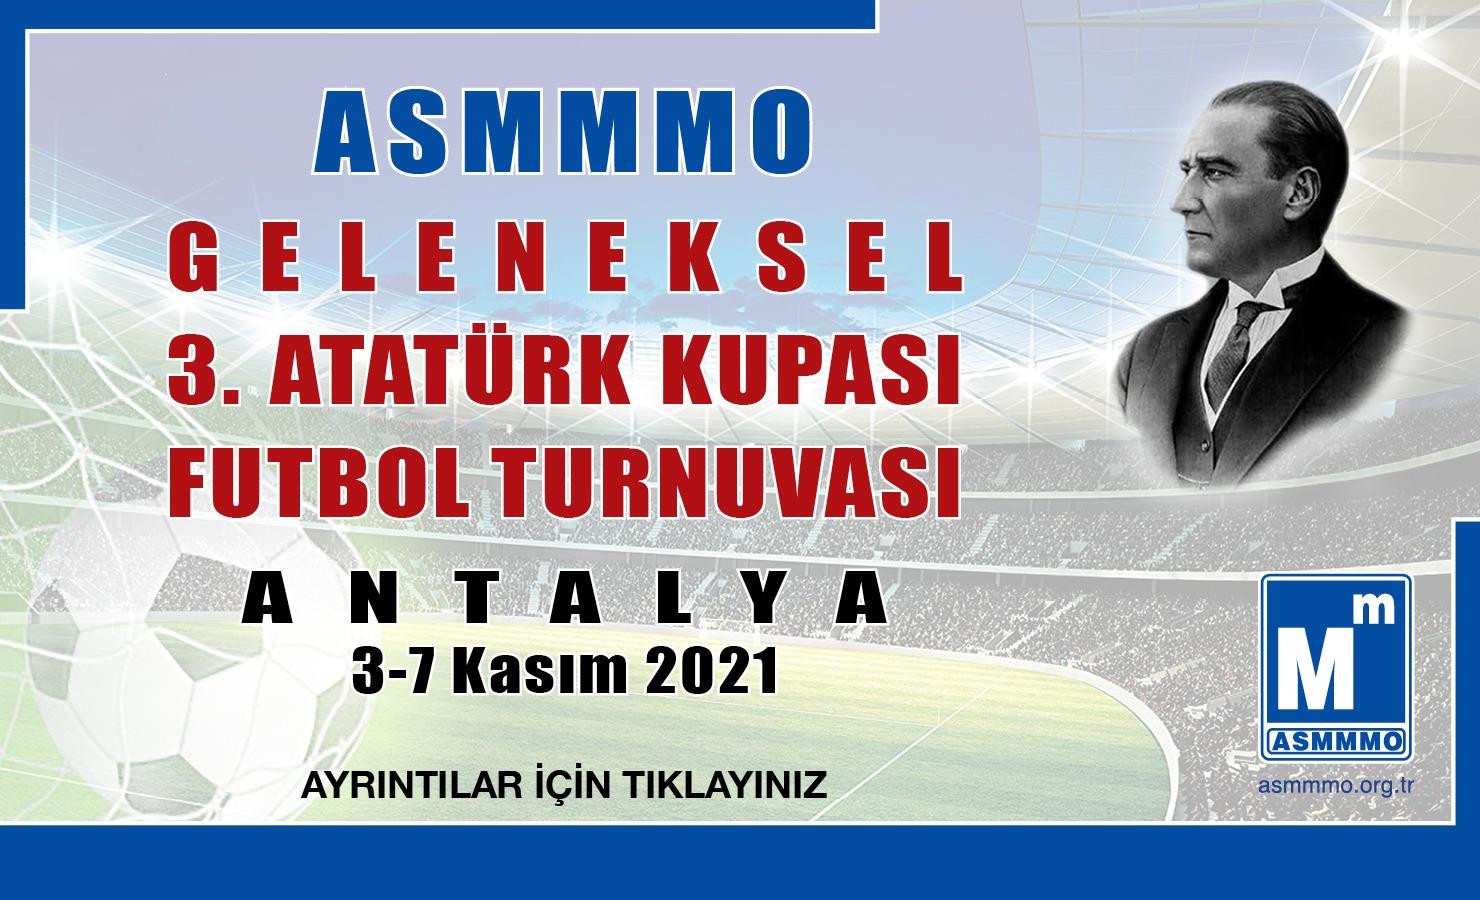 ASMMMO Geleneksel 3. Atatürk Kupası Futbol Turnuvası